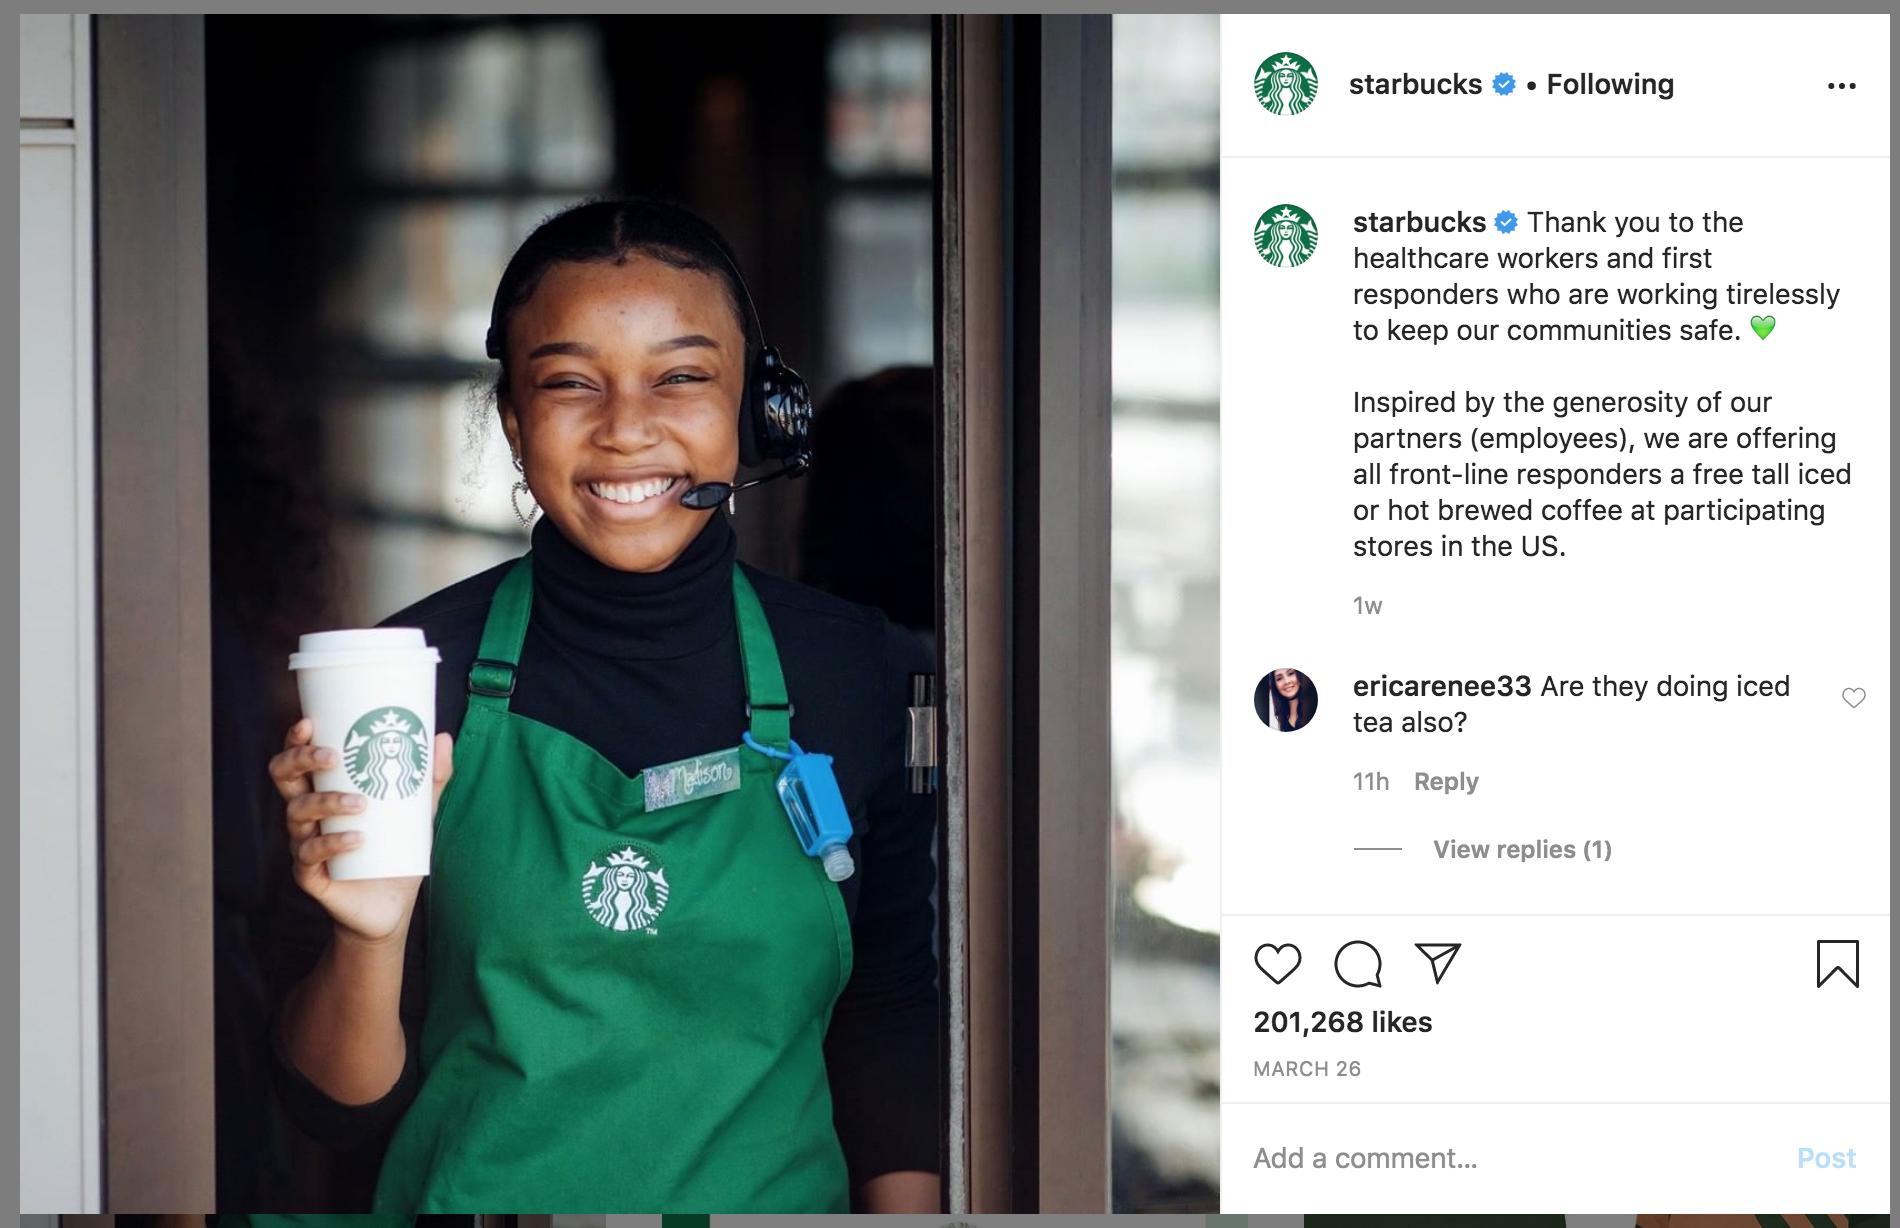 избражение из аккаунта бренда в Instagram